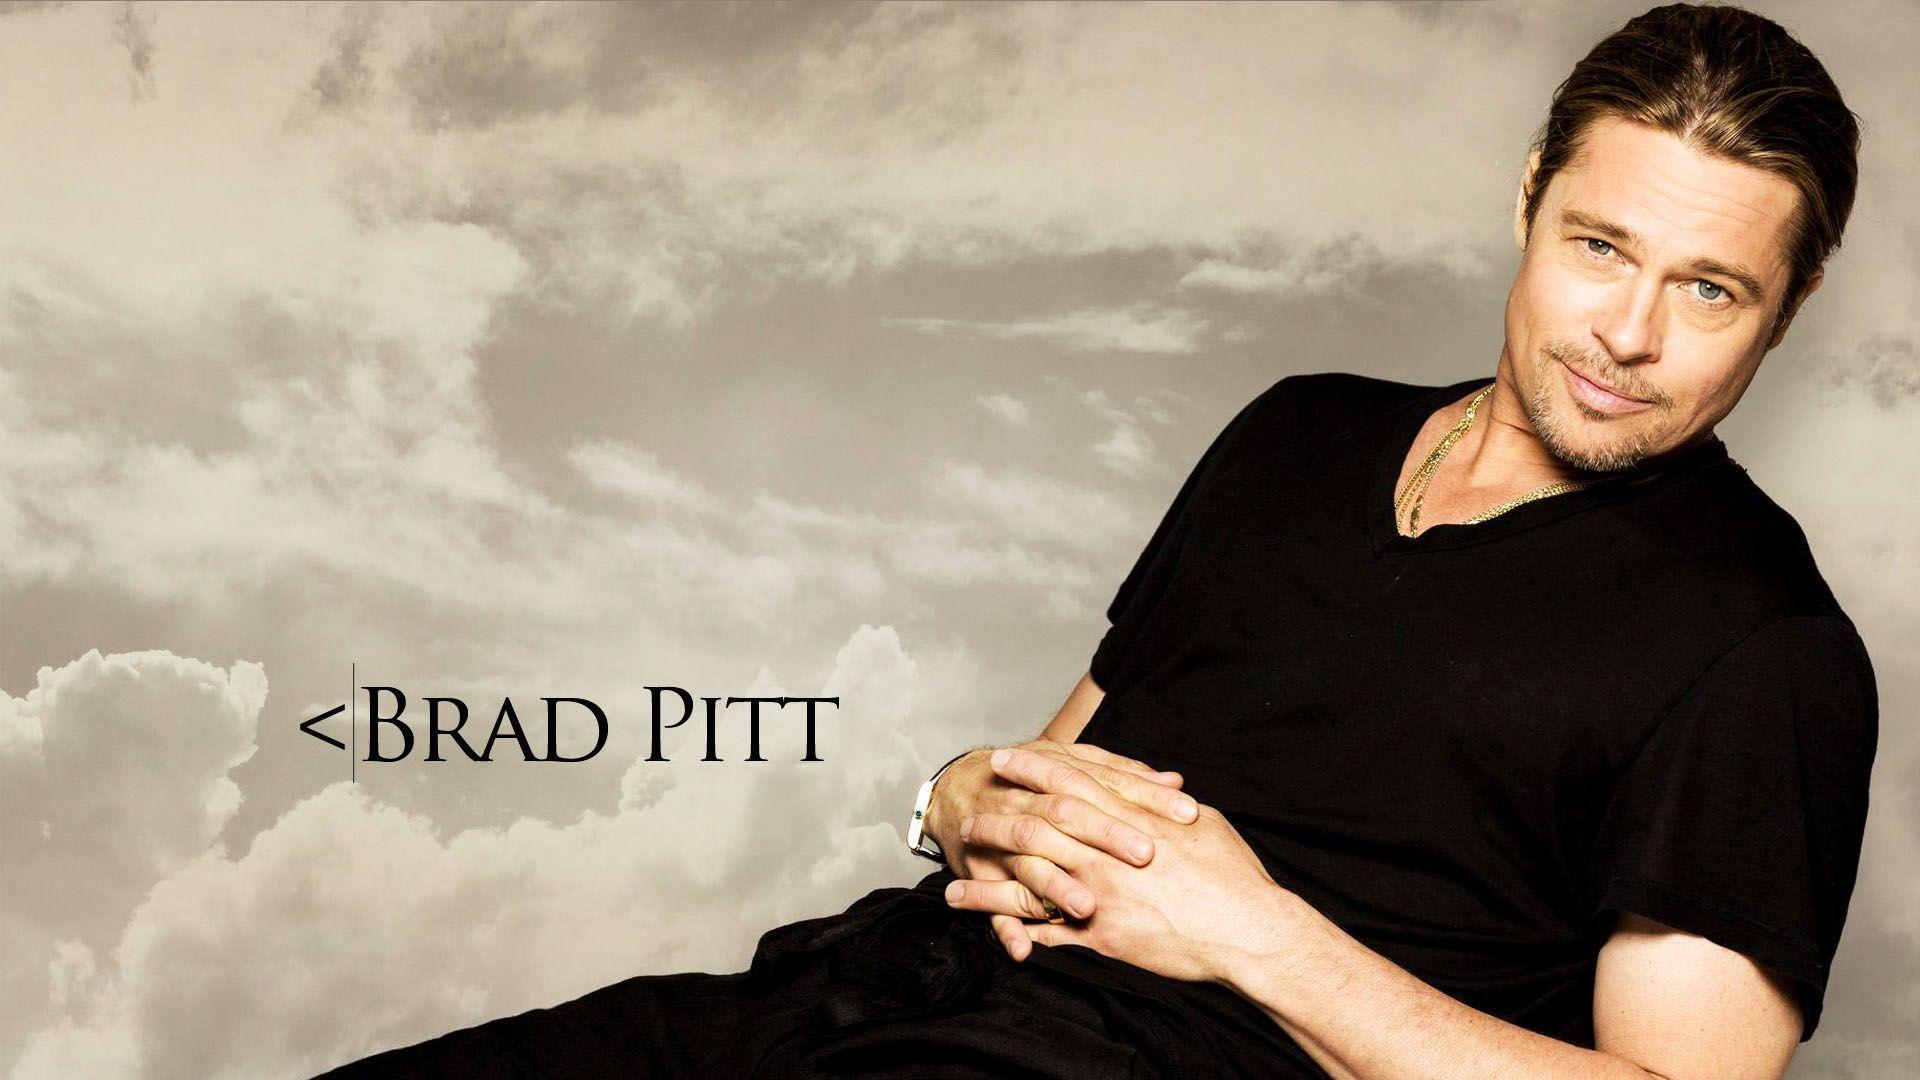 Brad Pitt widescreen wallpapers